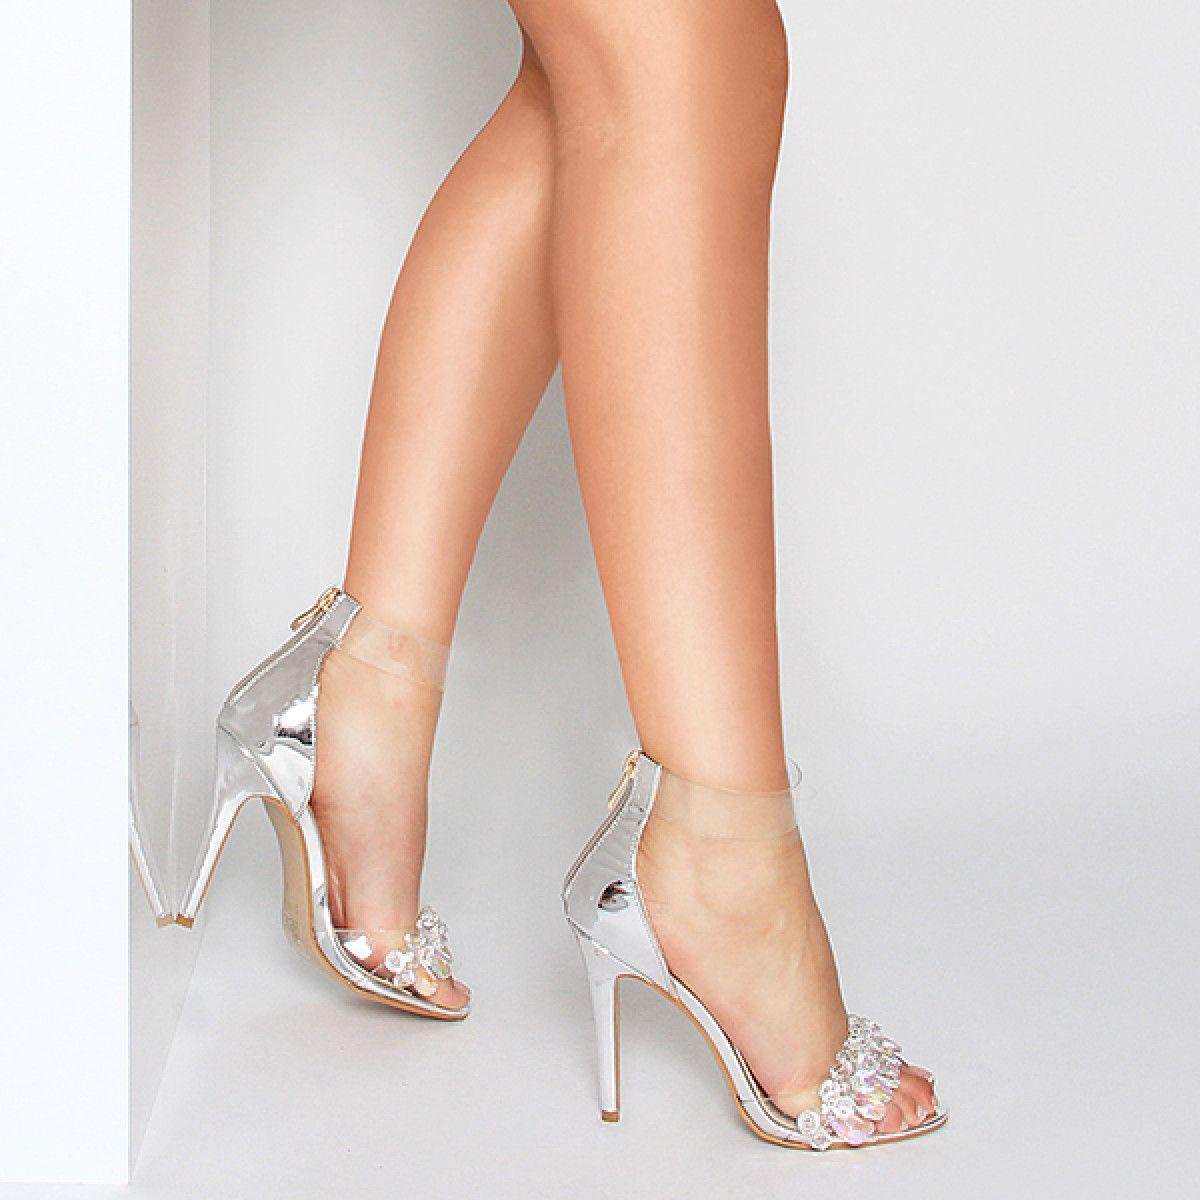 d0e6379cc1 Brielle Silver Gem Clear Heels : Simmi Shoes